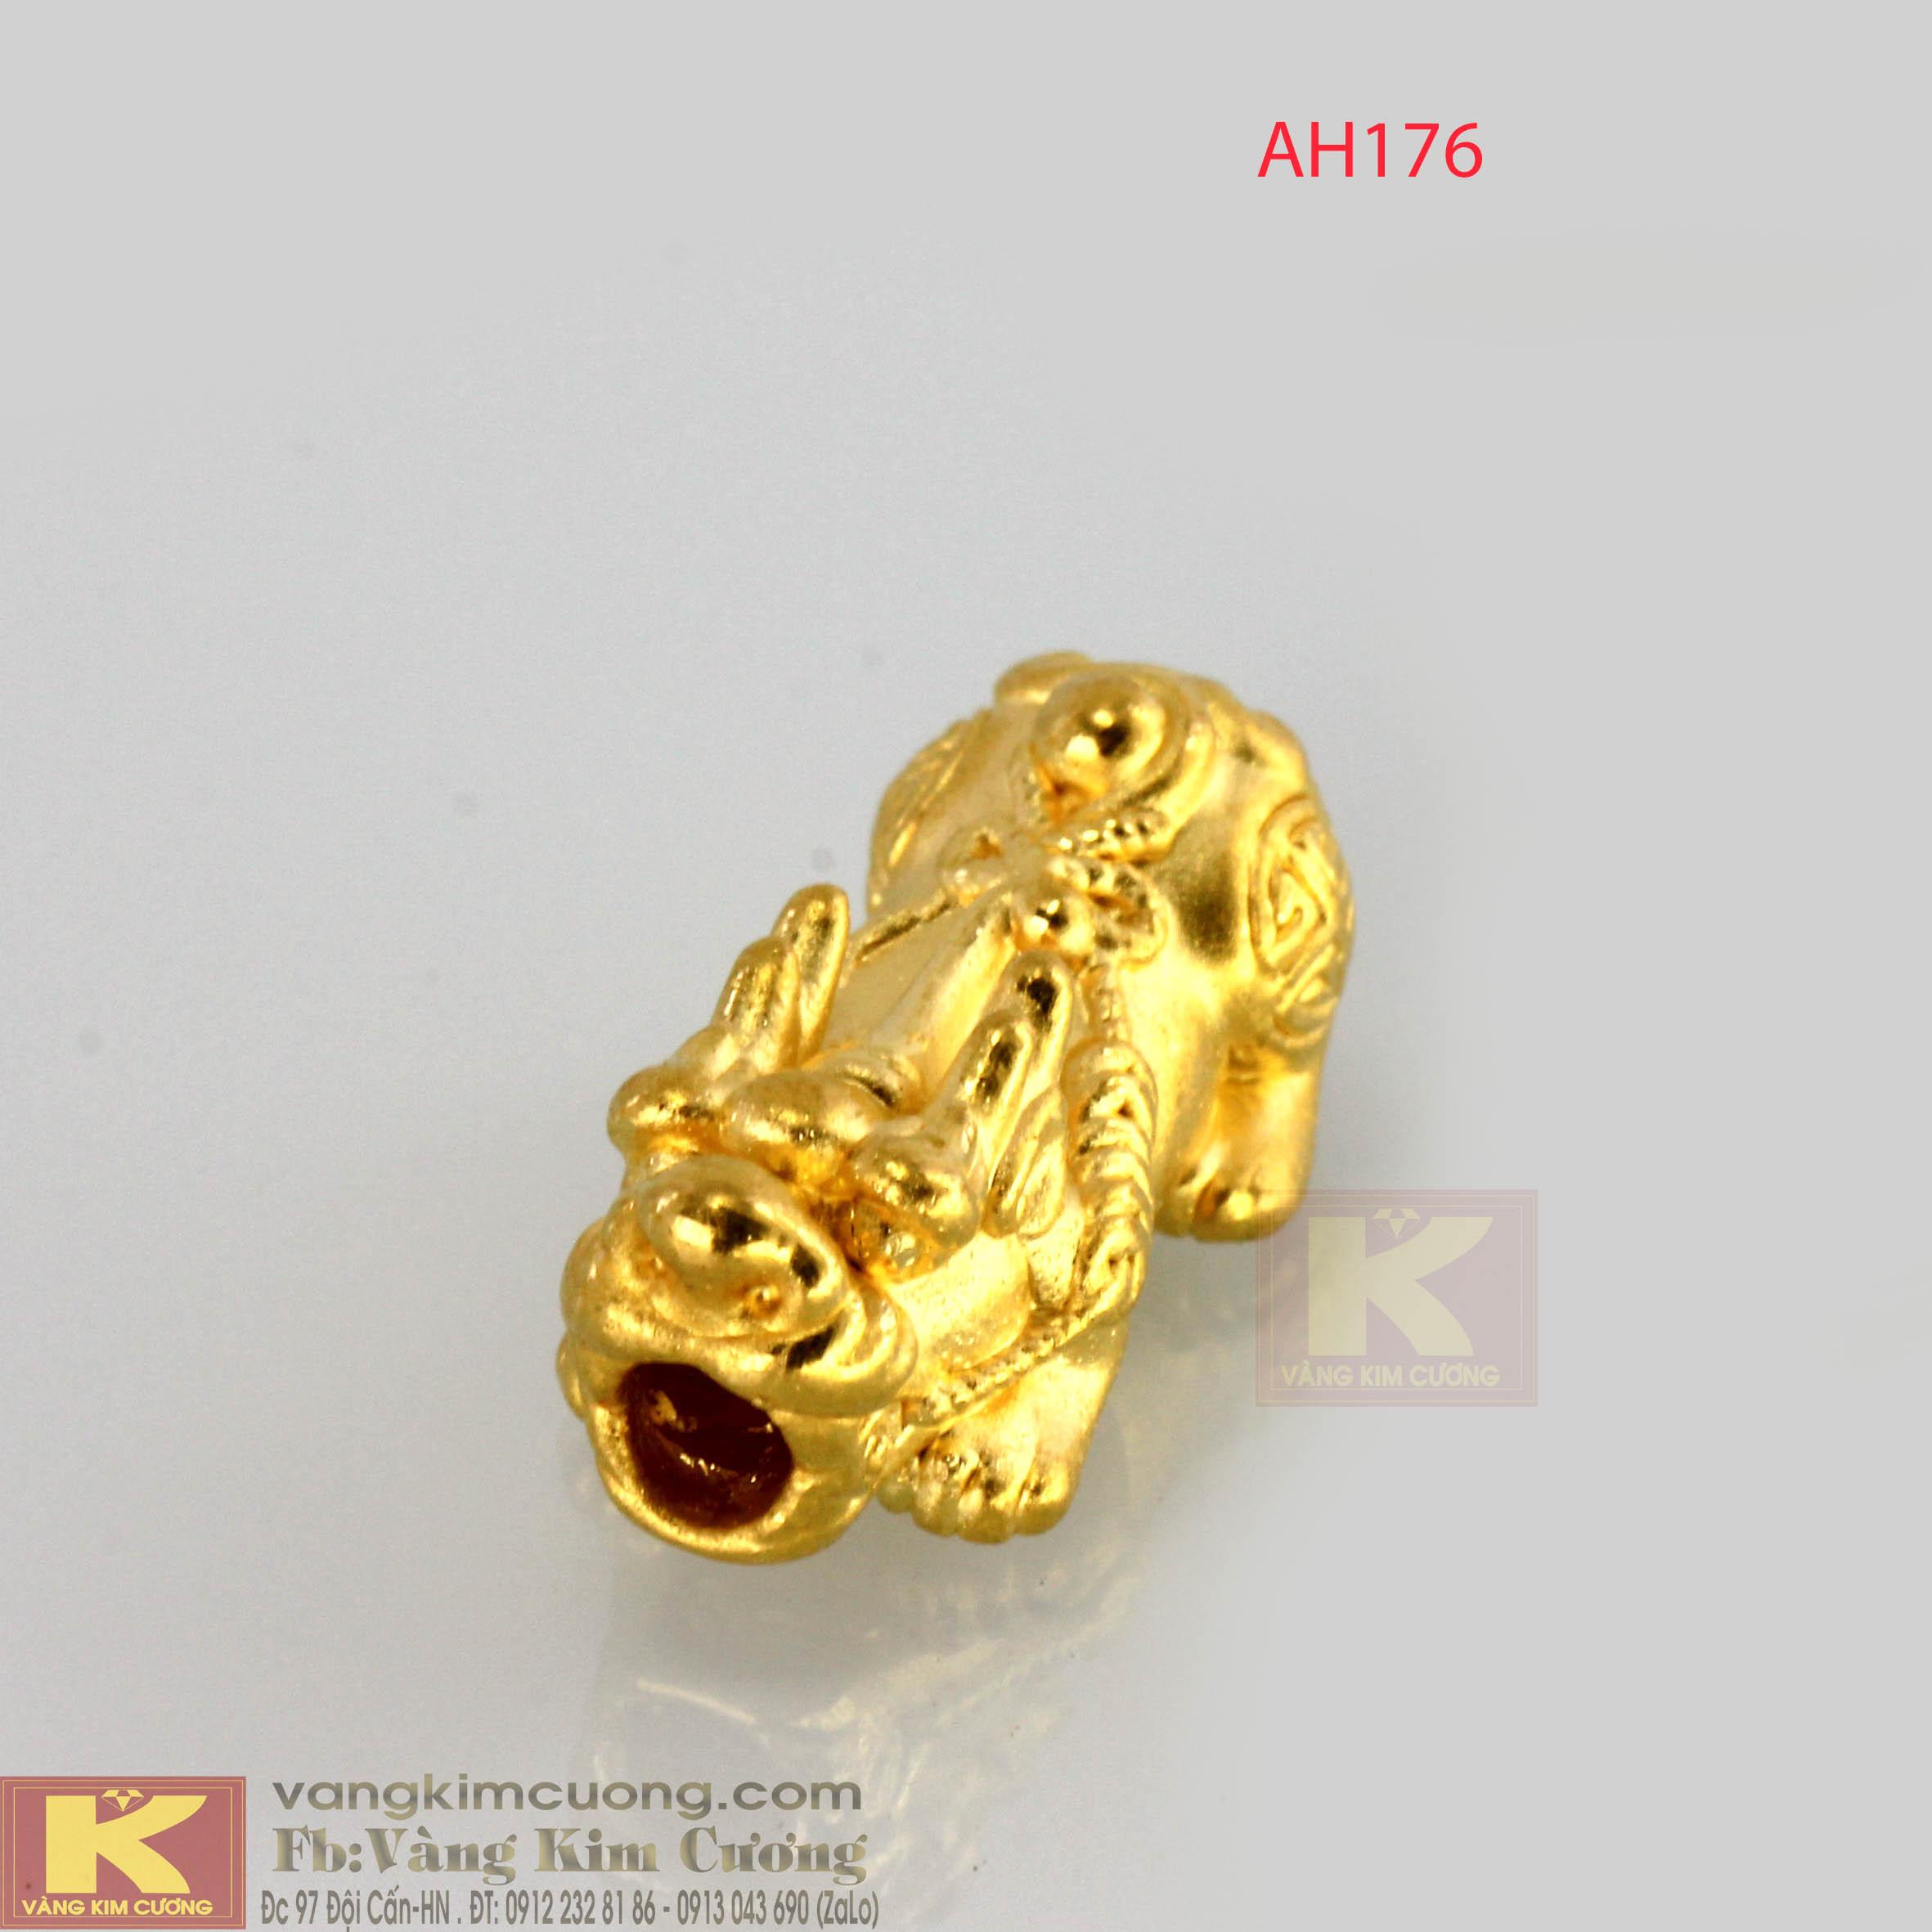 Tỳ Hưu chiêu tài lộc vàng 24k mã AH176